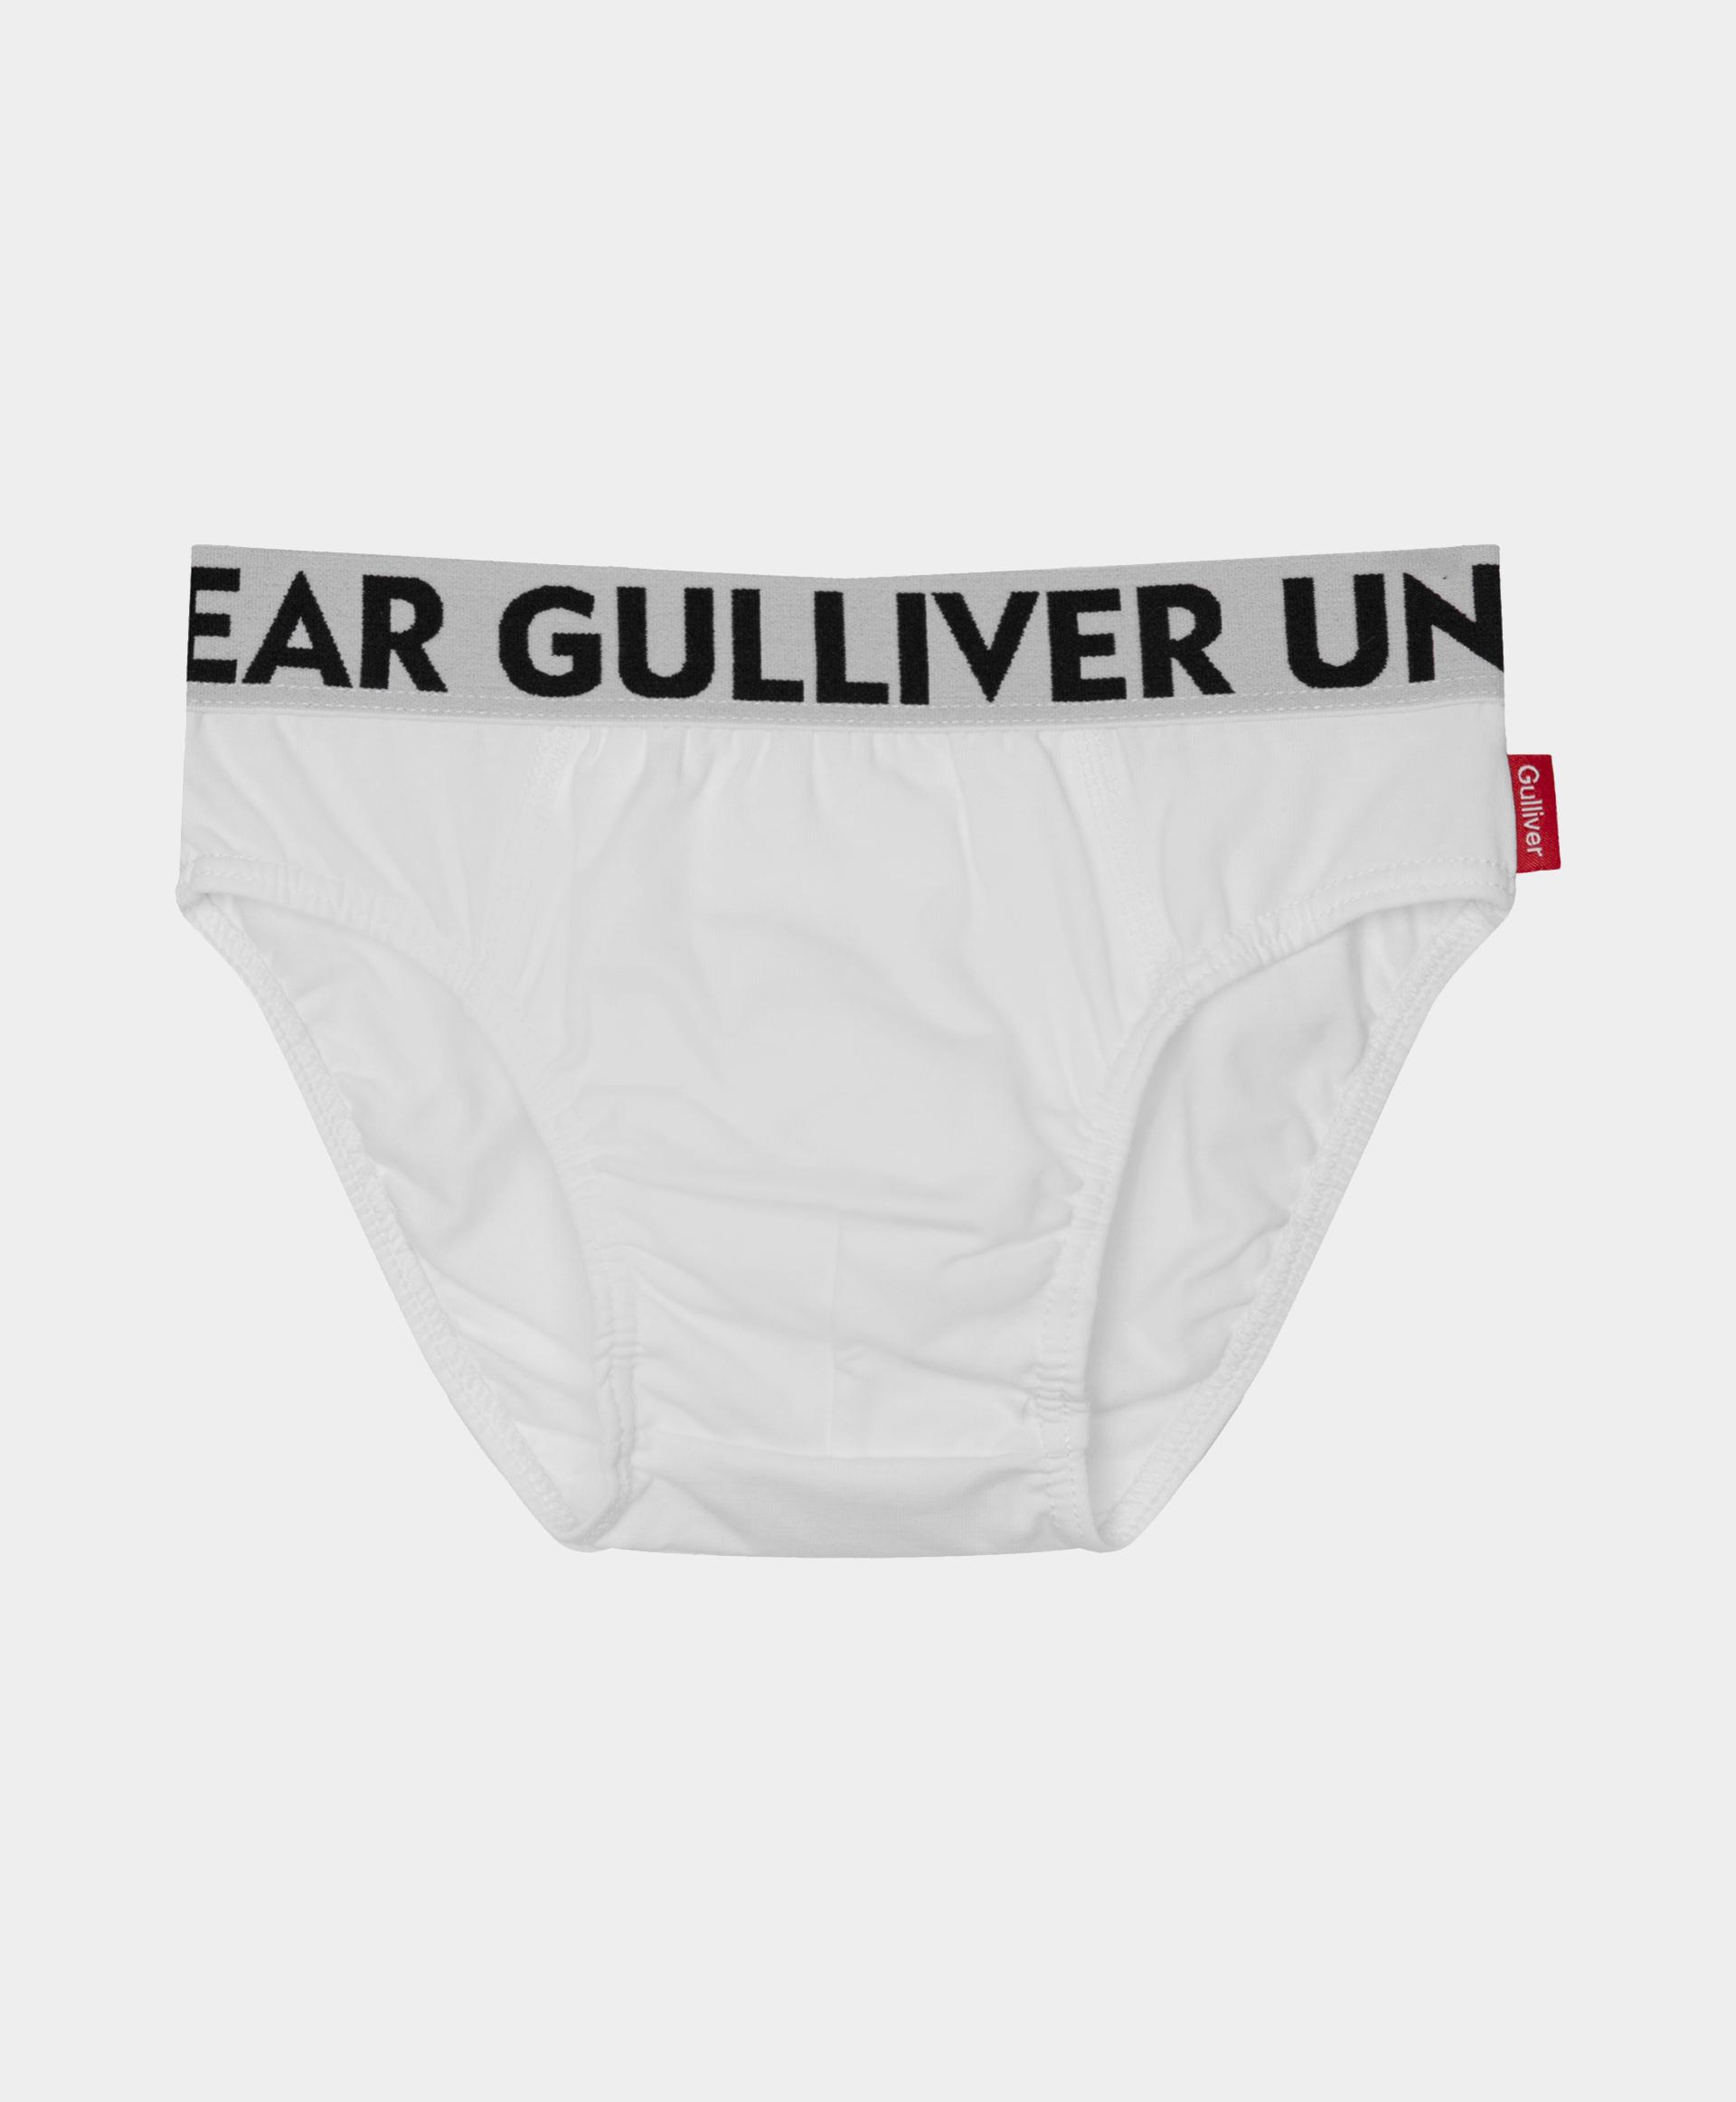 Купить 12100BC9601, Комплект трусов 3 шт Gulliver, мультицвет, 146-152, Хлопок, Мужской, Лето, ВЕСНА/ЛЕТО 2021 (shop: GulliverMarket Gulliver Market)